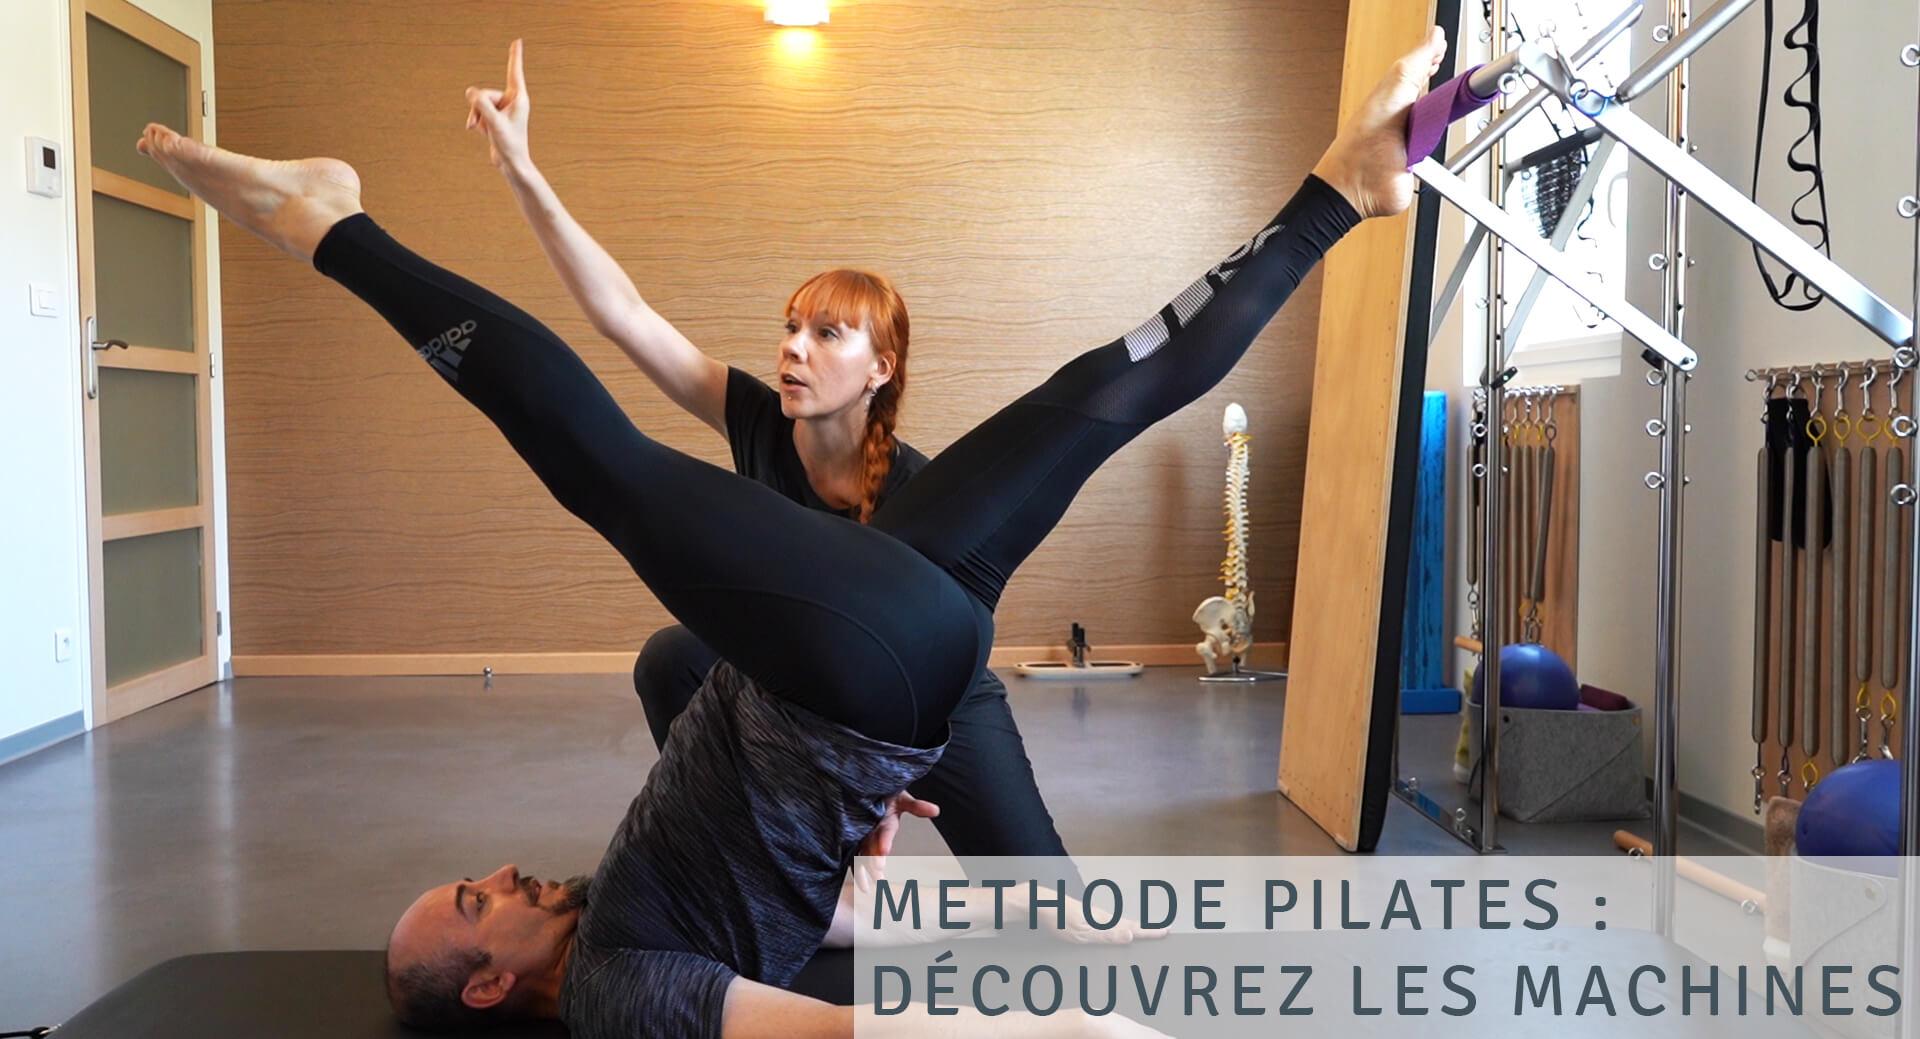 Decouvrez les Machines Méthode Pilates